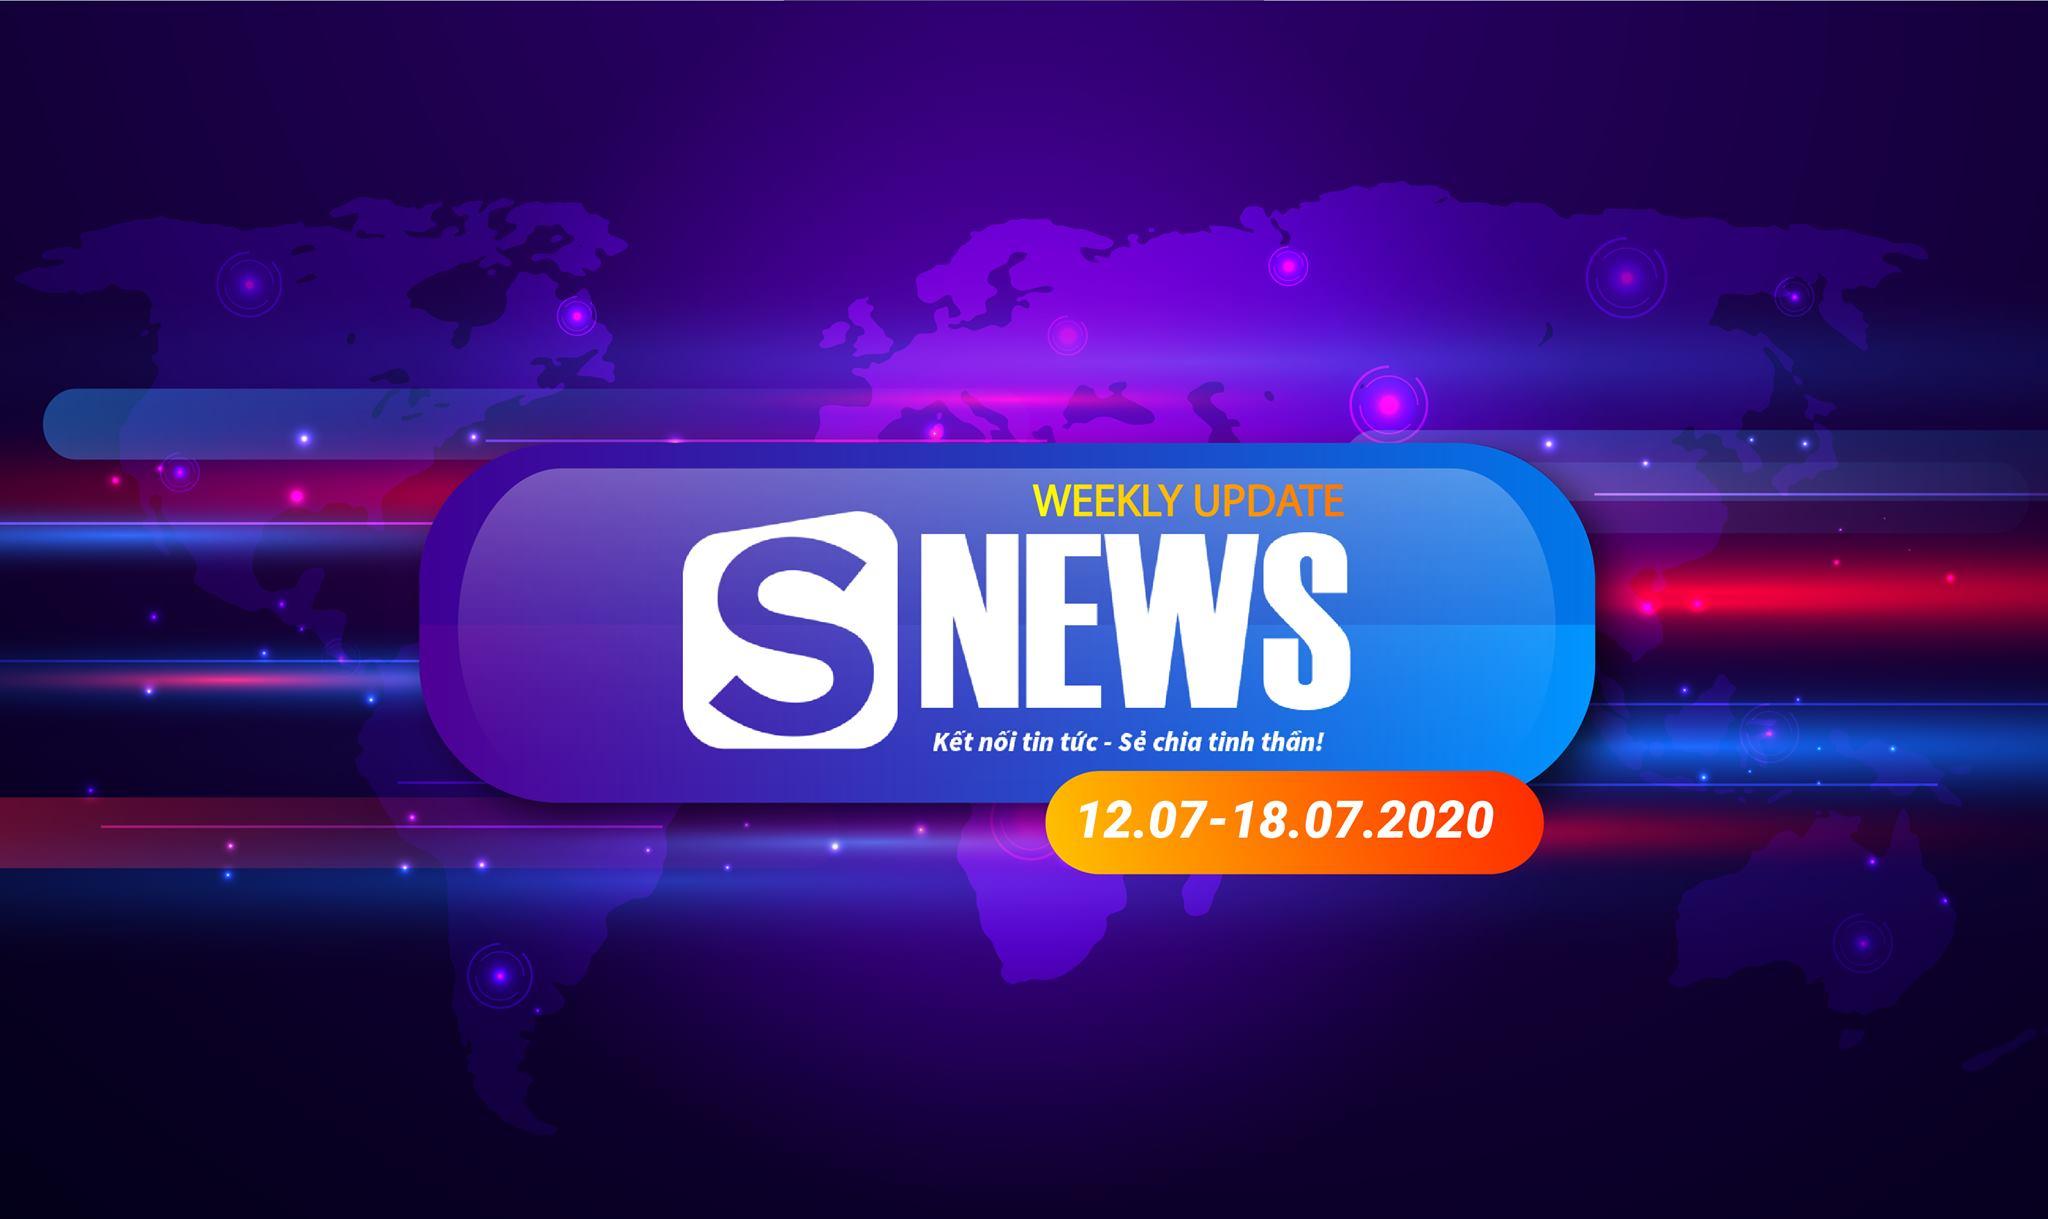 Tổng hợp tin tức tuần qua (12.07 - 18.7.2020)